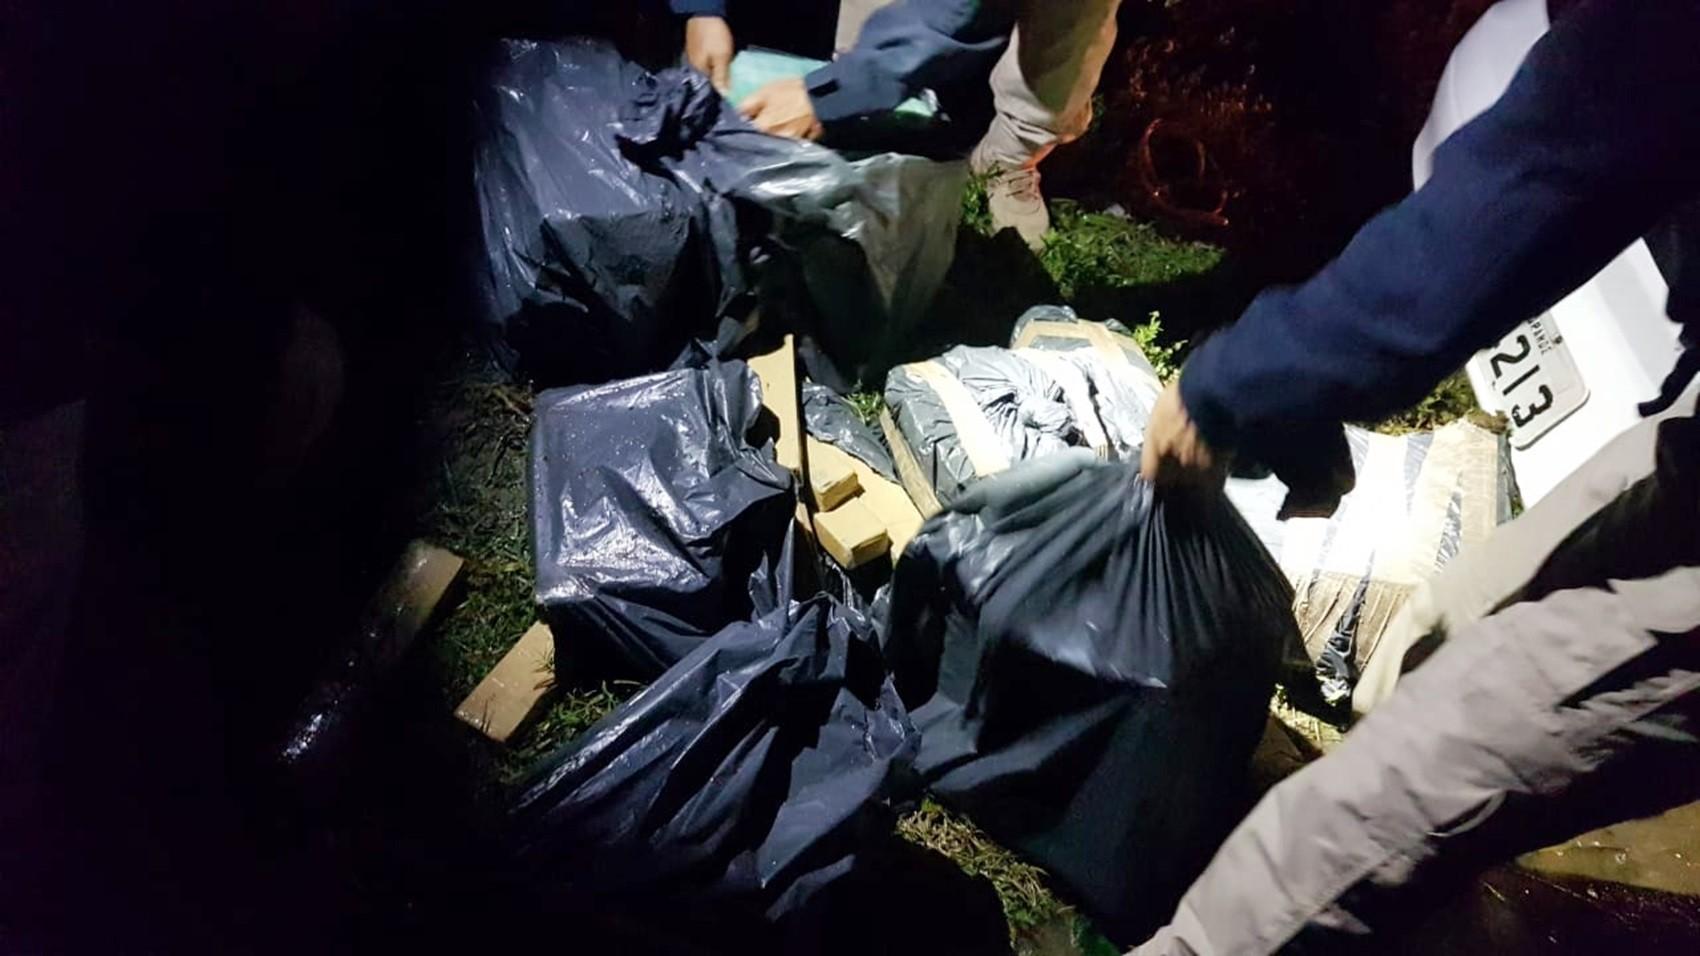 Carro é perseguido, cai em lagoa, e PRF apreende mais de 160 quilos de maconha em Monte Alegre, RN - Notícias - Plantão Diário